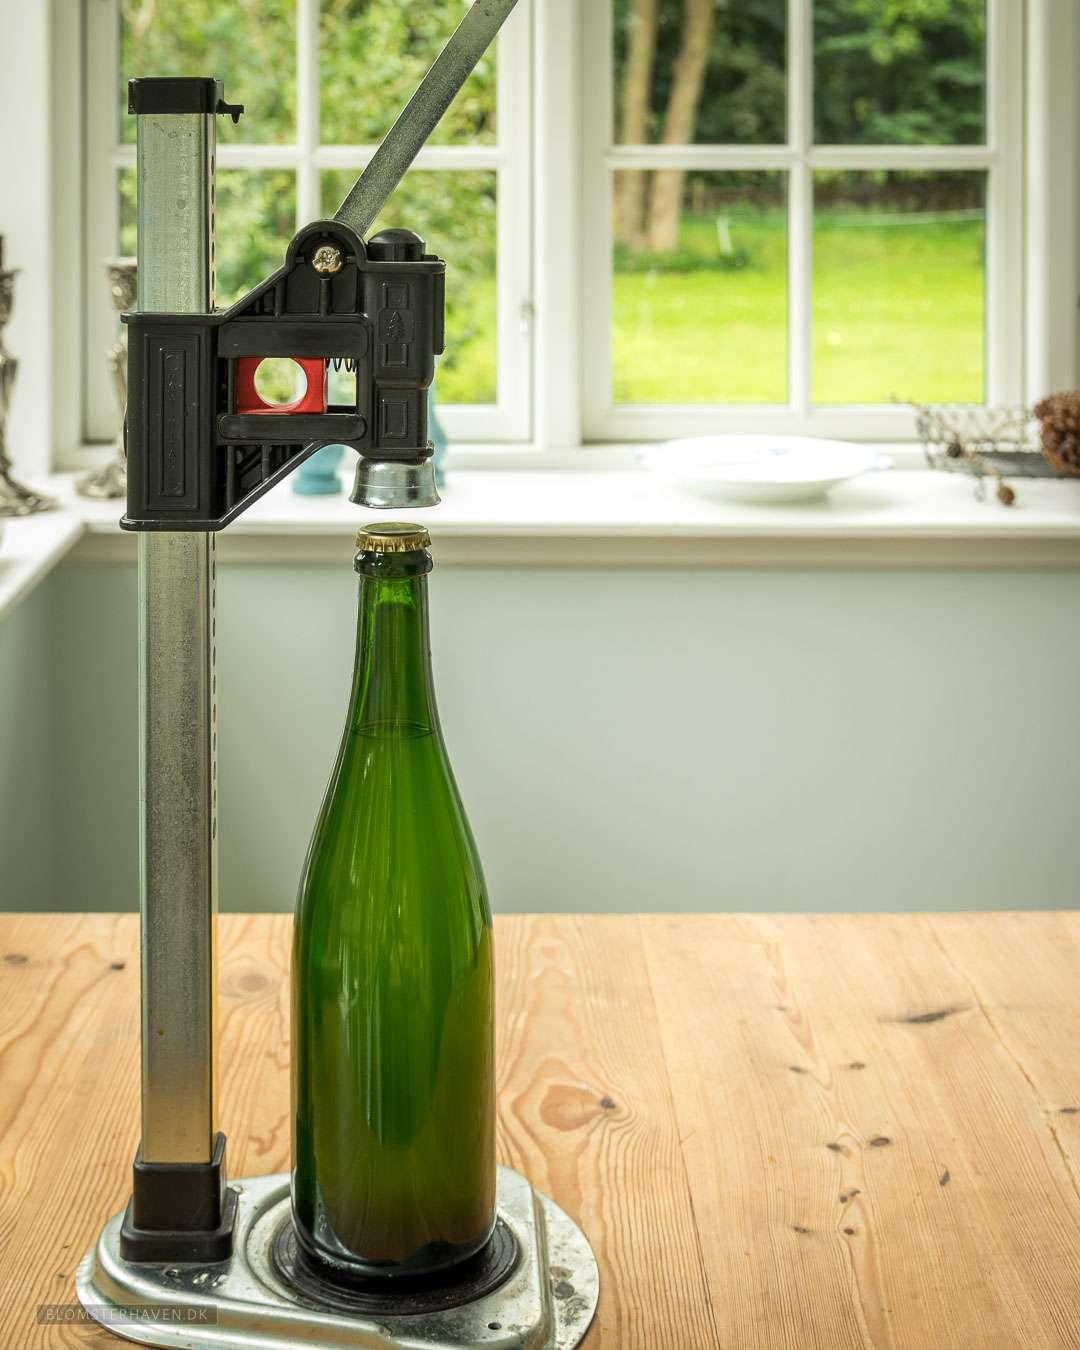 hjemmelavet hyldeblomst champagne proppes på champagneflasker